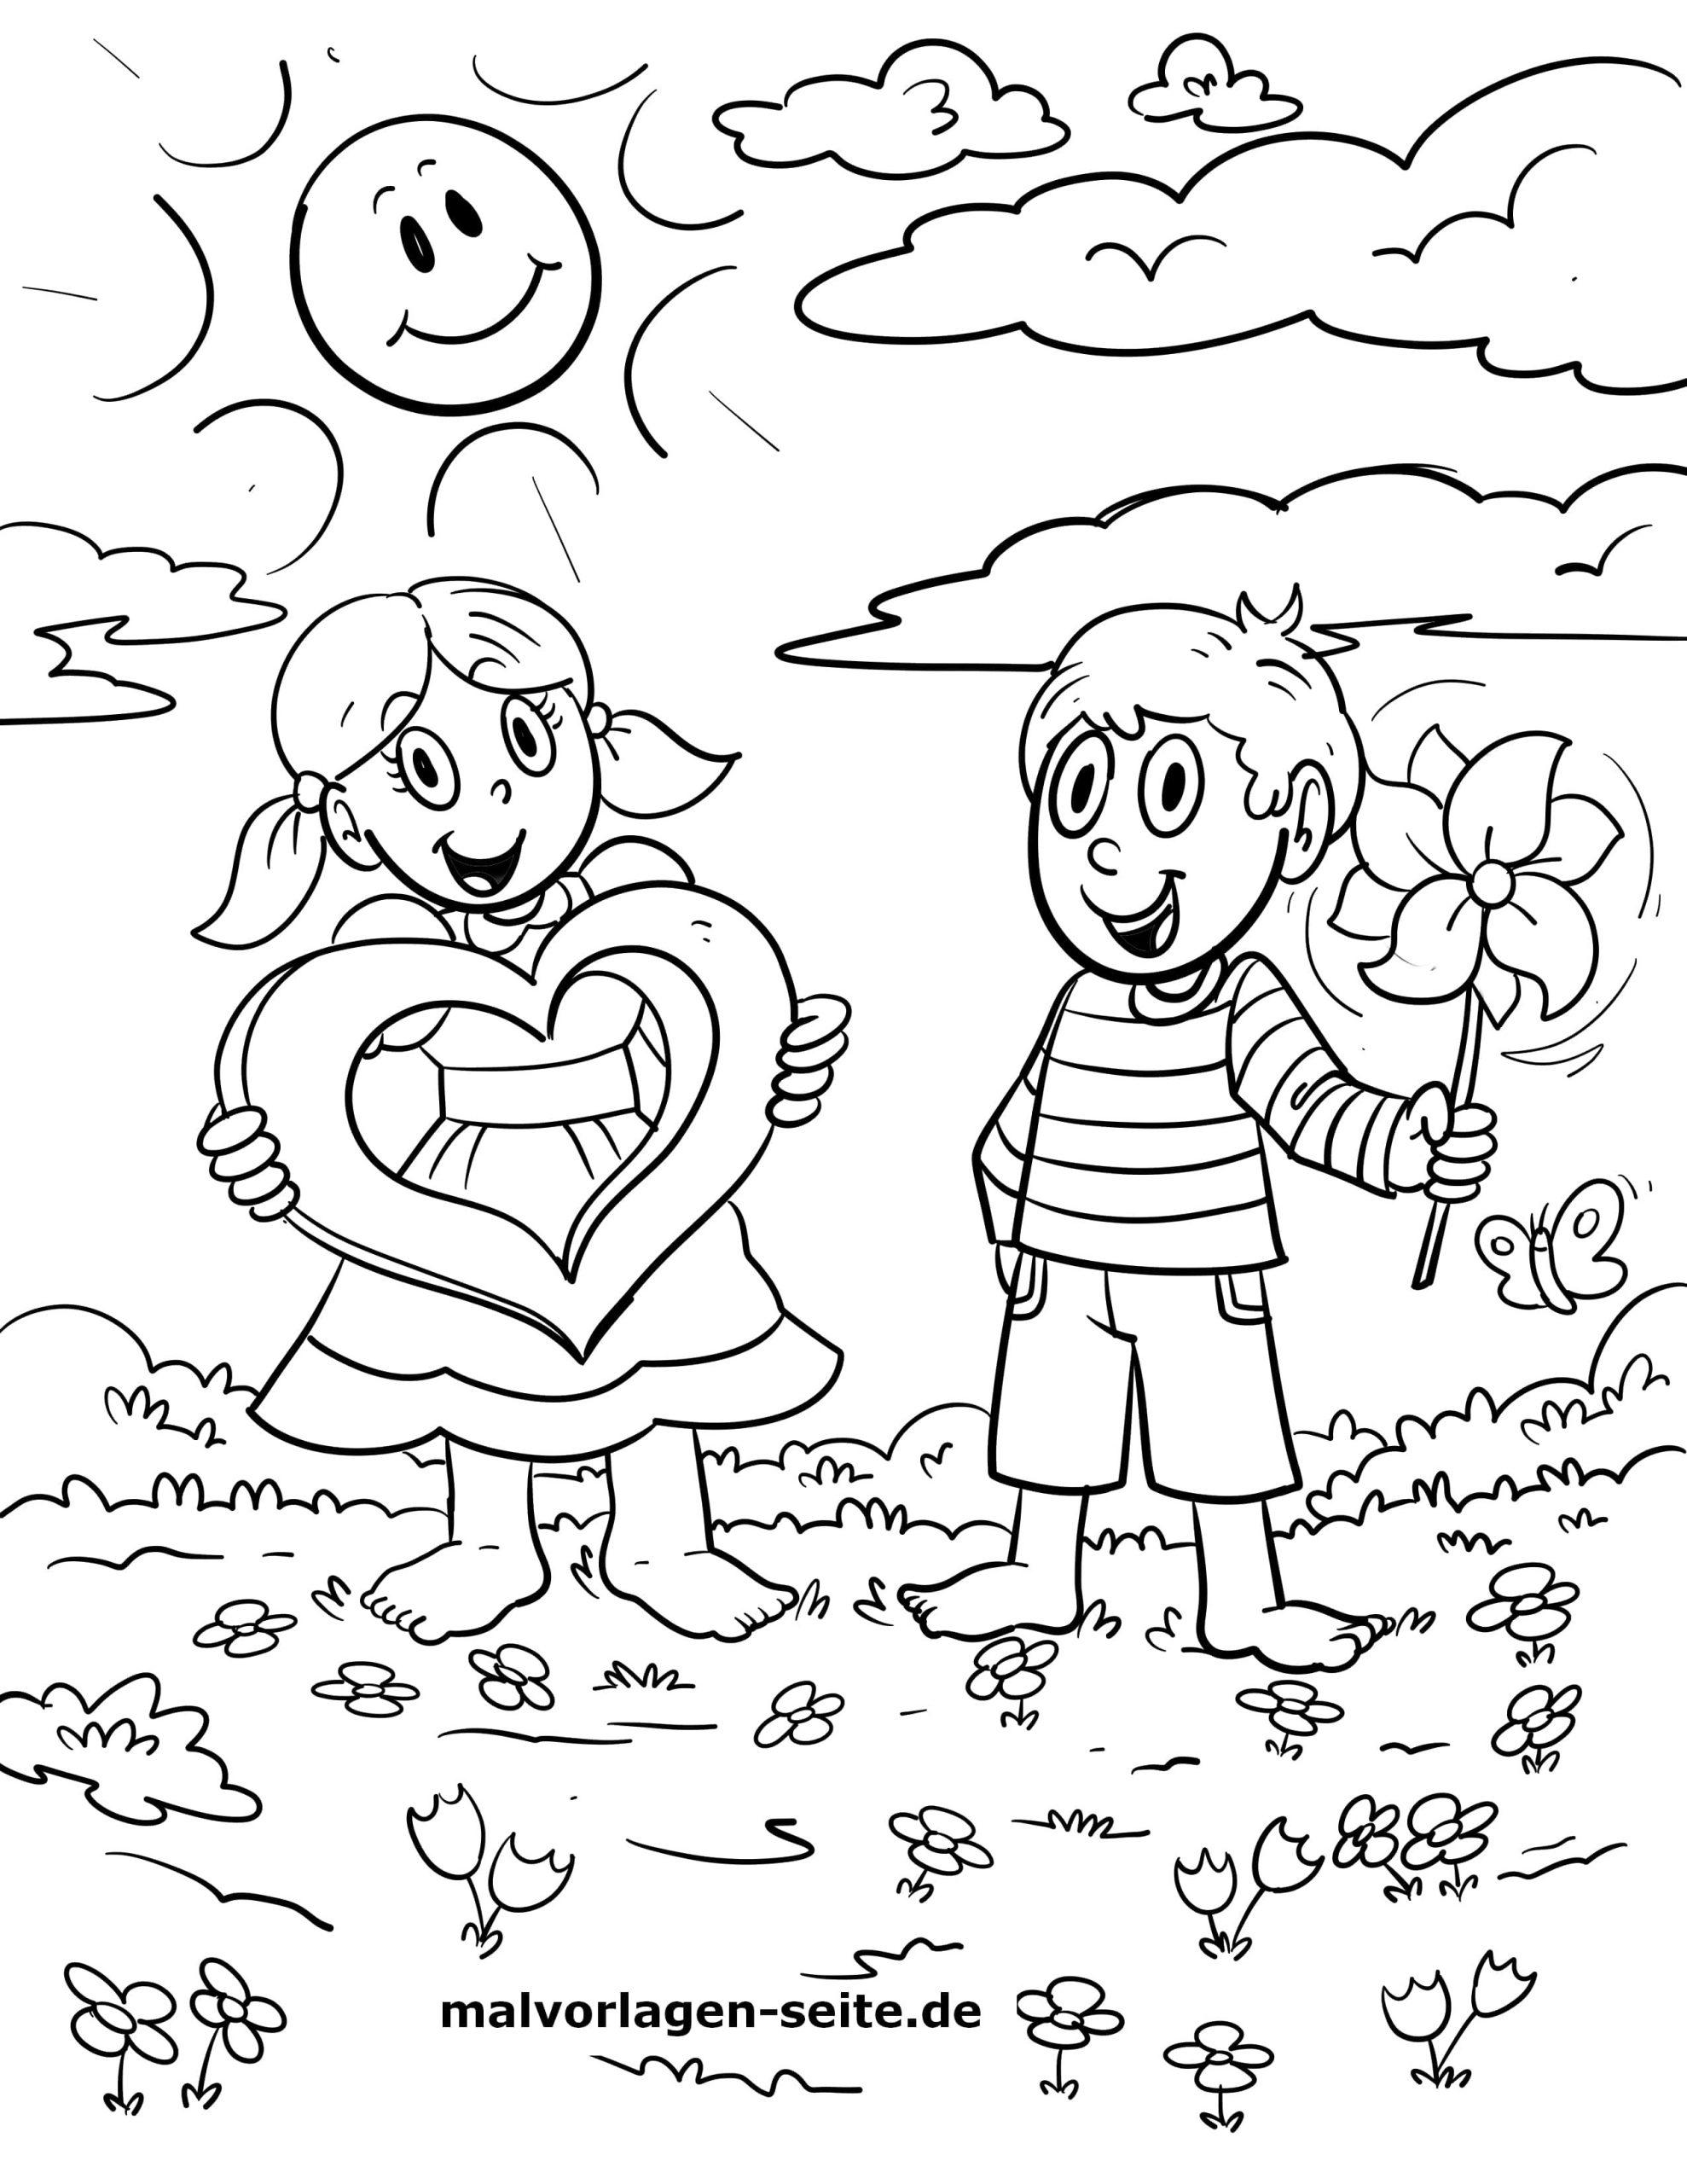 Malvorlage Kinder - Ausmalbilder Kostenlos Herunterladen verwandt mit Malvorlage Kind